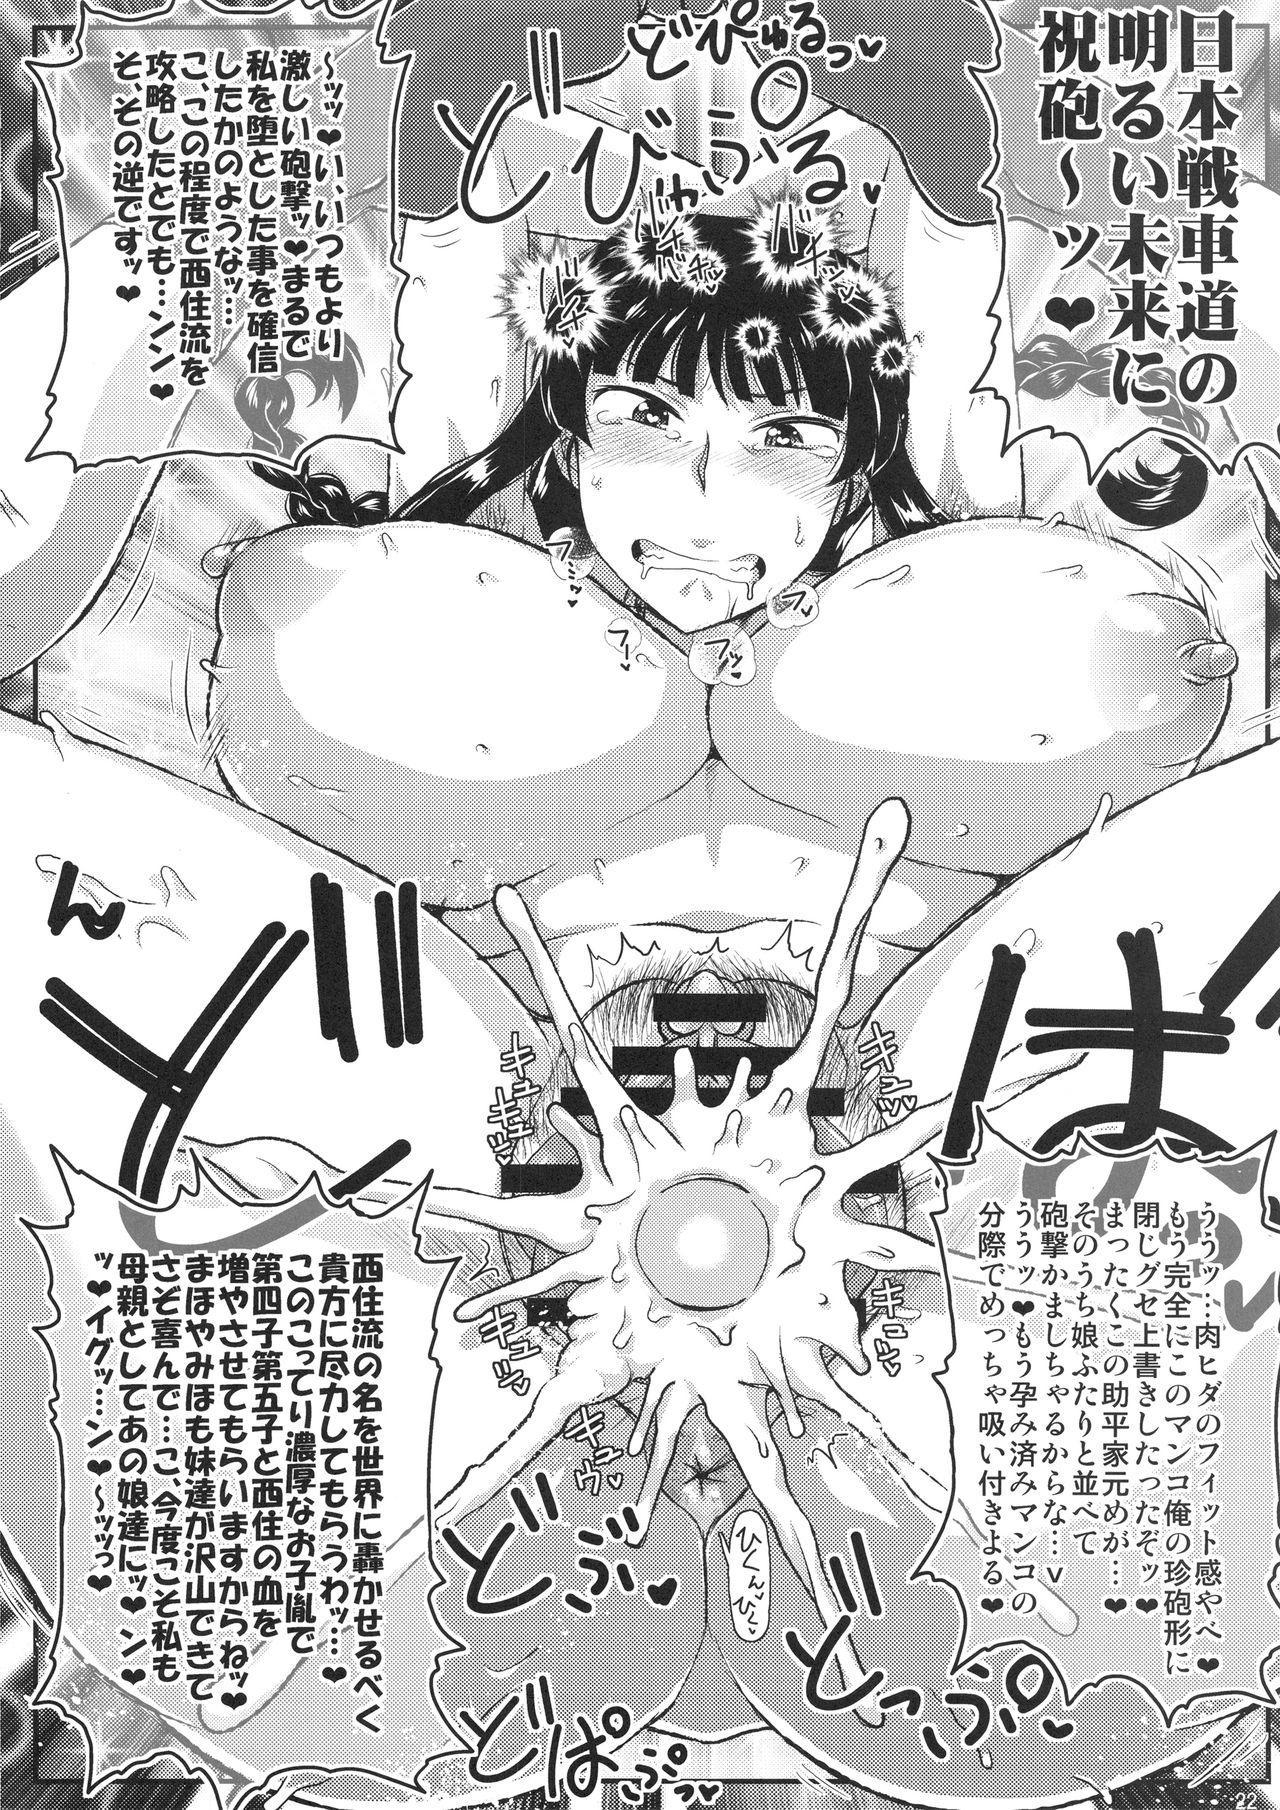 Girl?s & Semen III Nishizumi Shiho no Moteamashita Ureure Body wo Chuunen Chinpo de Soutou Sakusen! Iemoto Ransou ni Idenshi Seichuu Butai Shinkou Kaishi 22